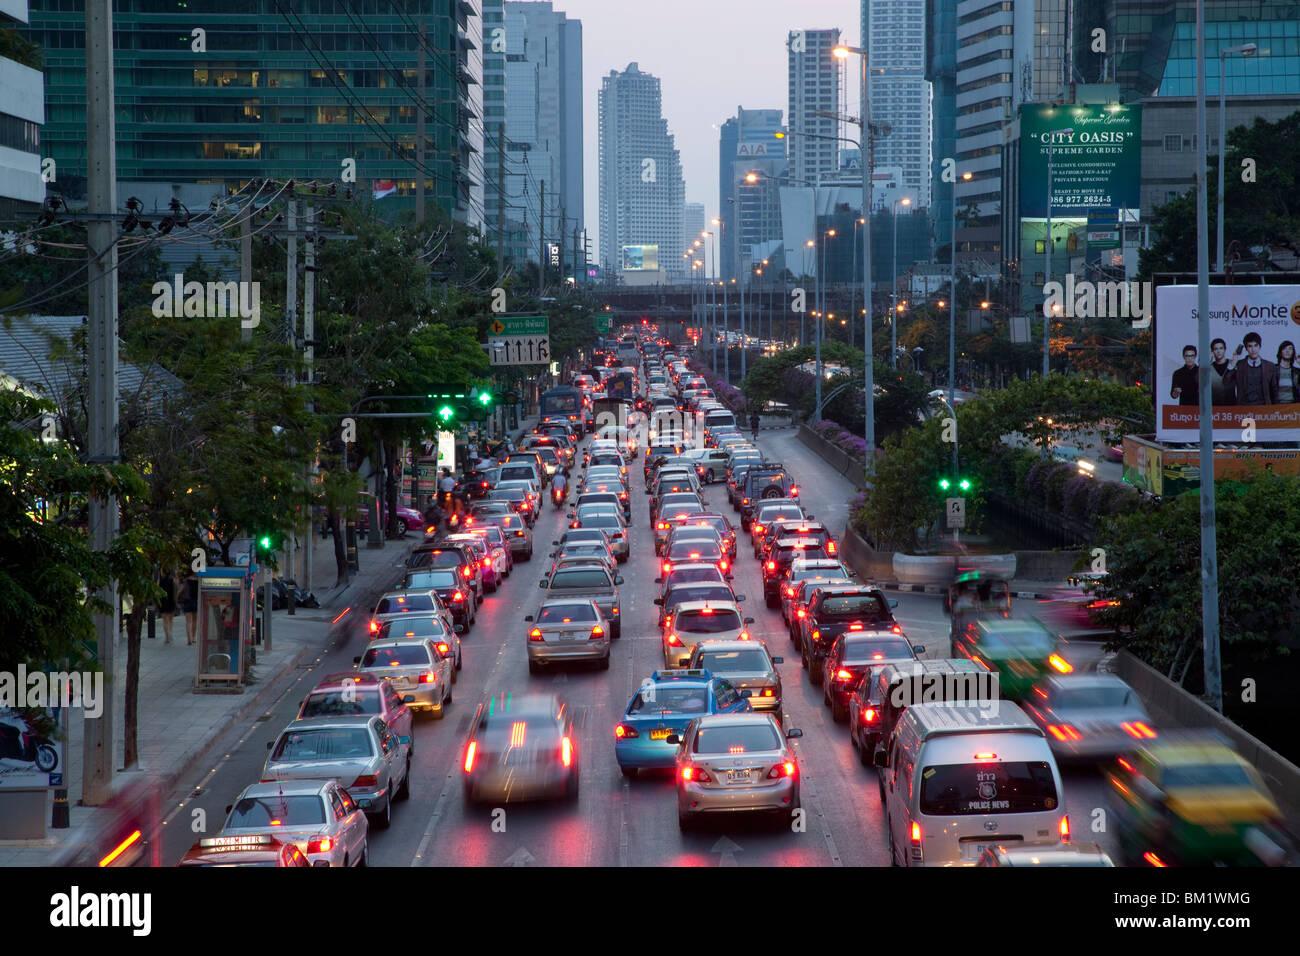 Abend-Feierabendverkehr auf der Sathon Road in Bangkok. Stockbild